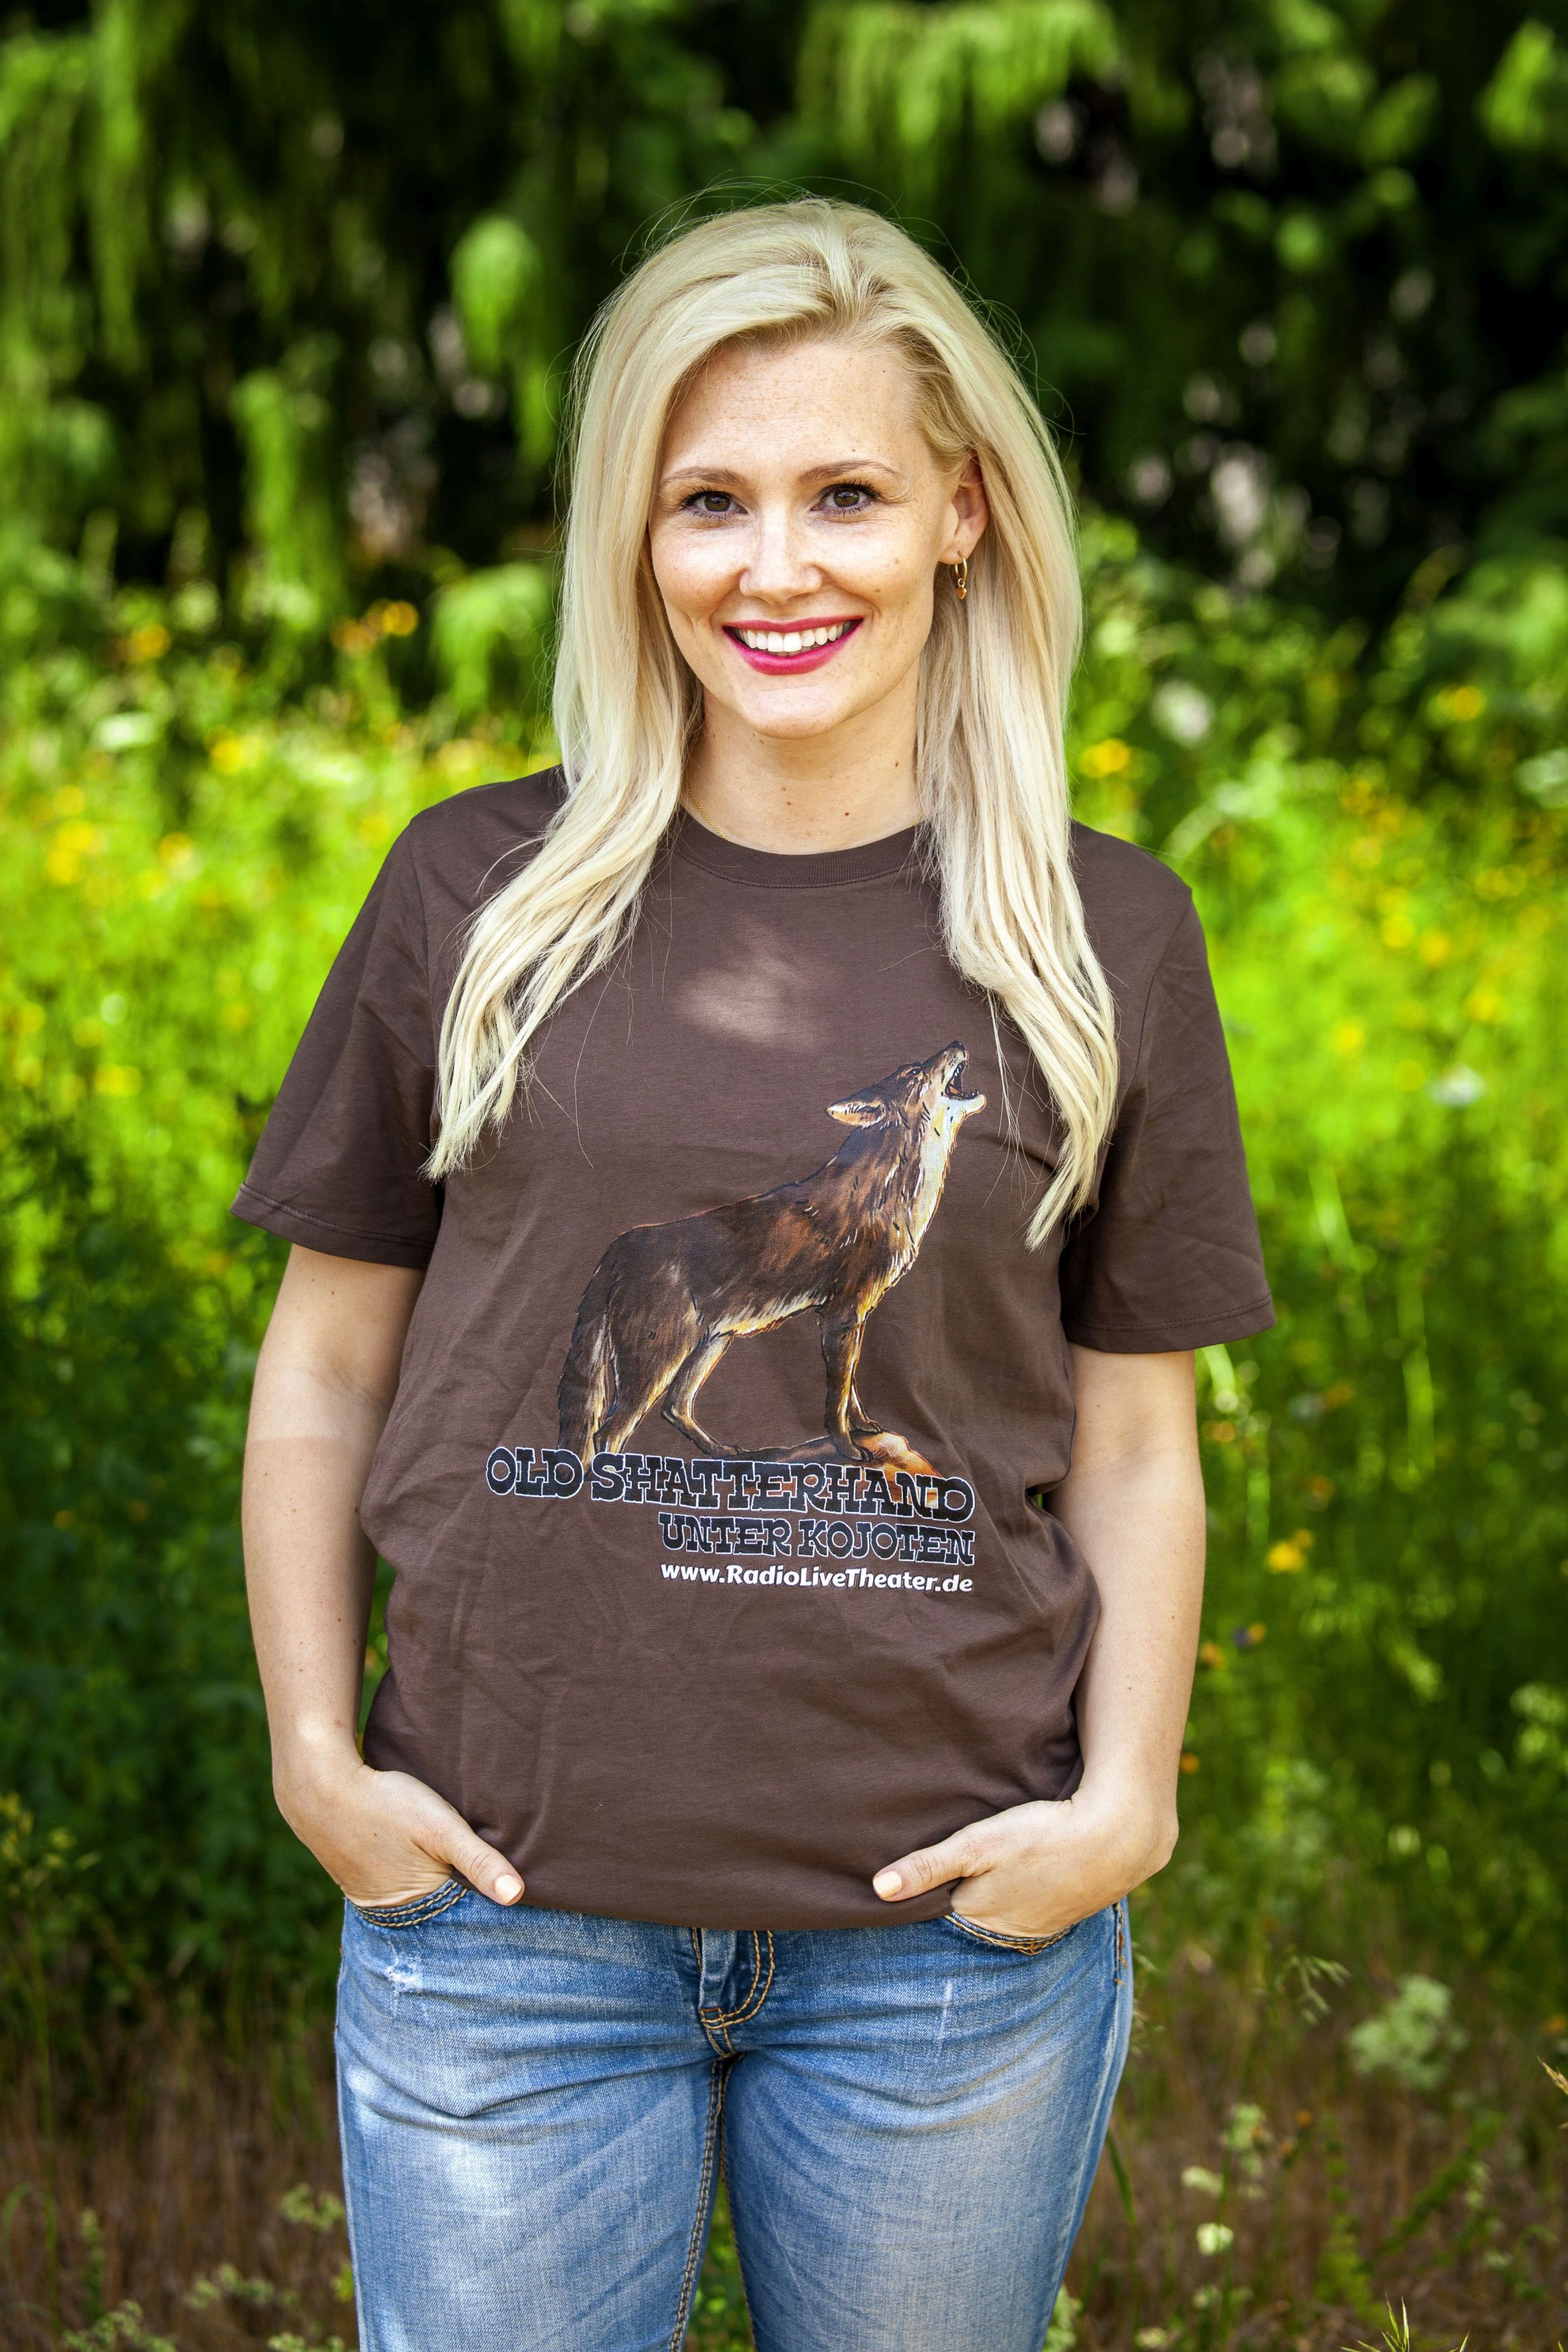 Old Shatterhand unter Kojoten - T-Shirt (XL)